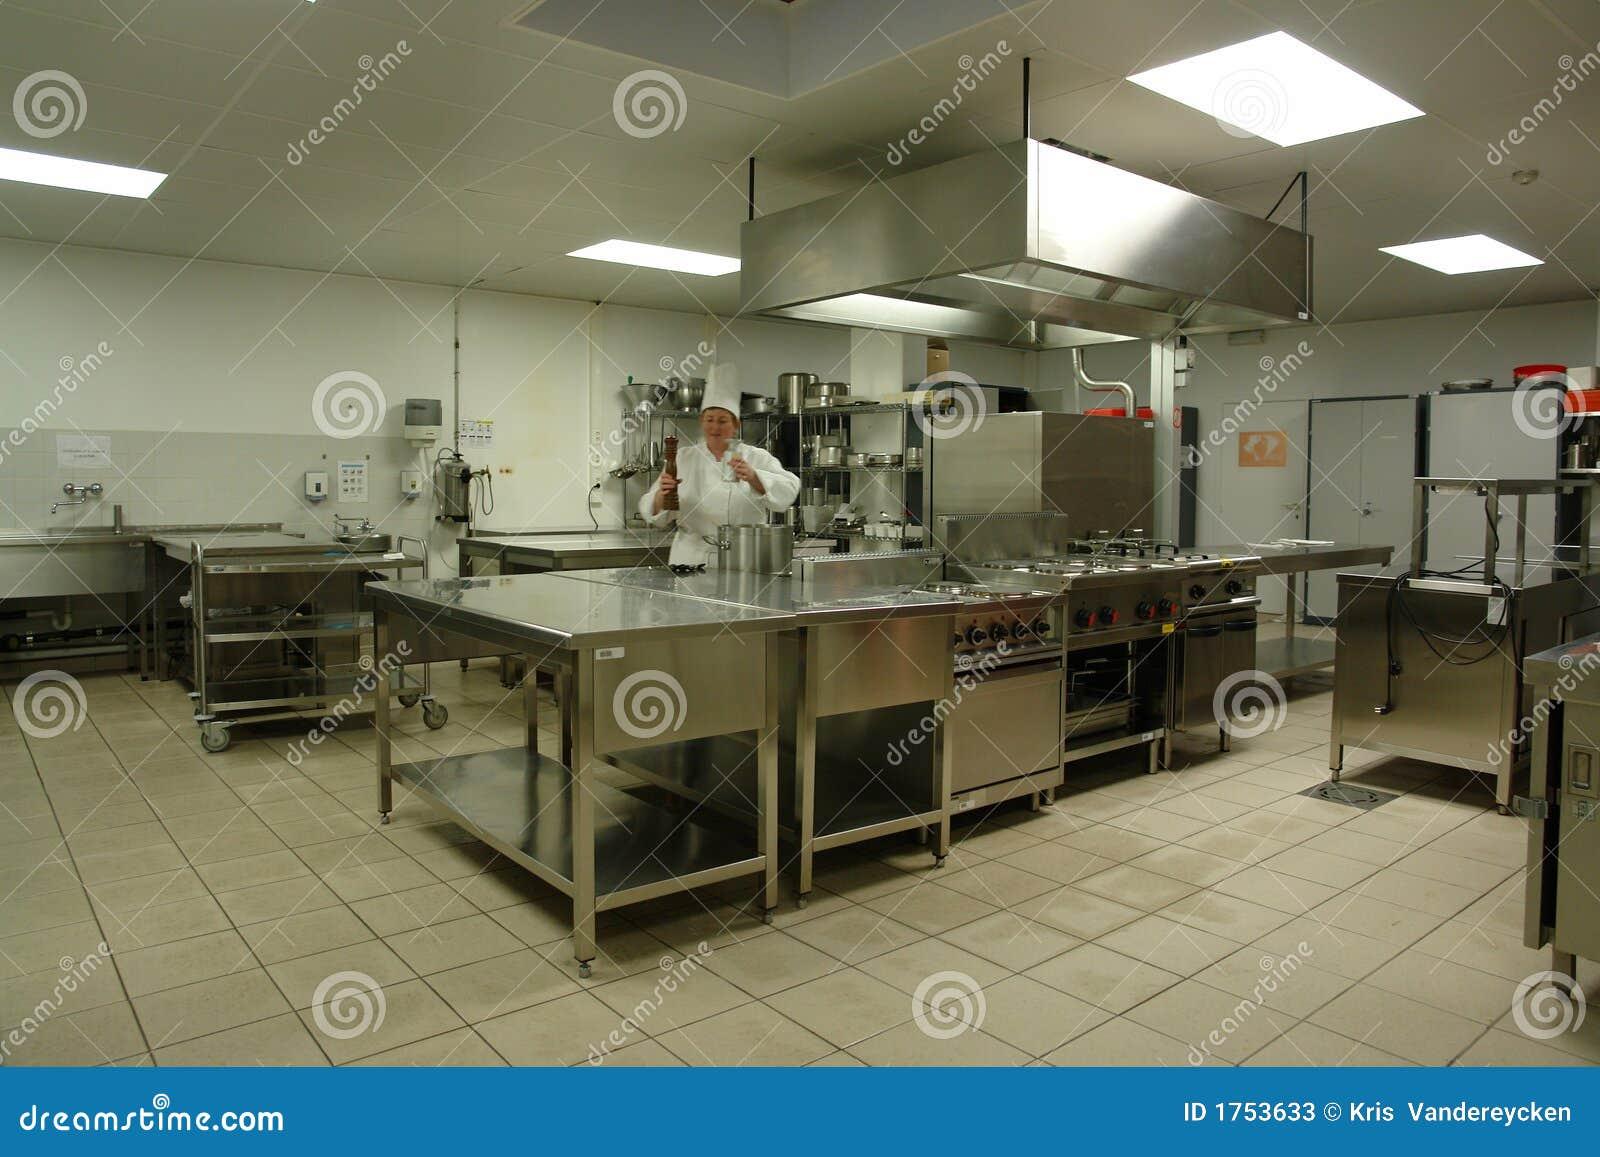 Cozinha profissional com cozinheiro do cozinheiro chefe #81A229 1300 957